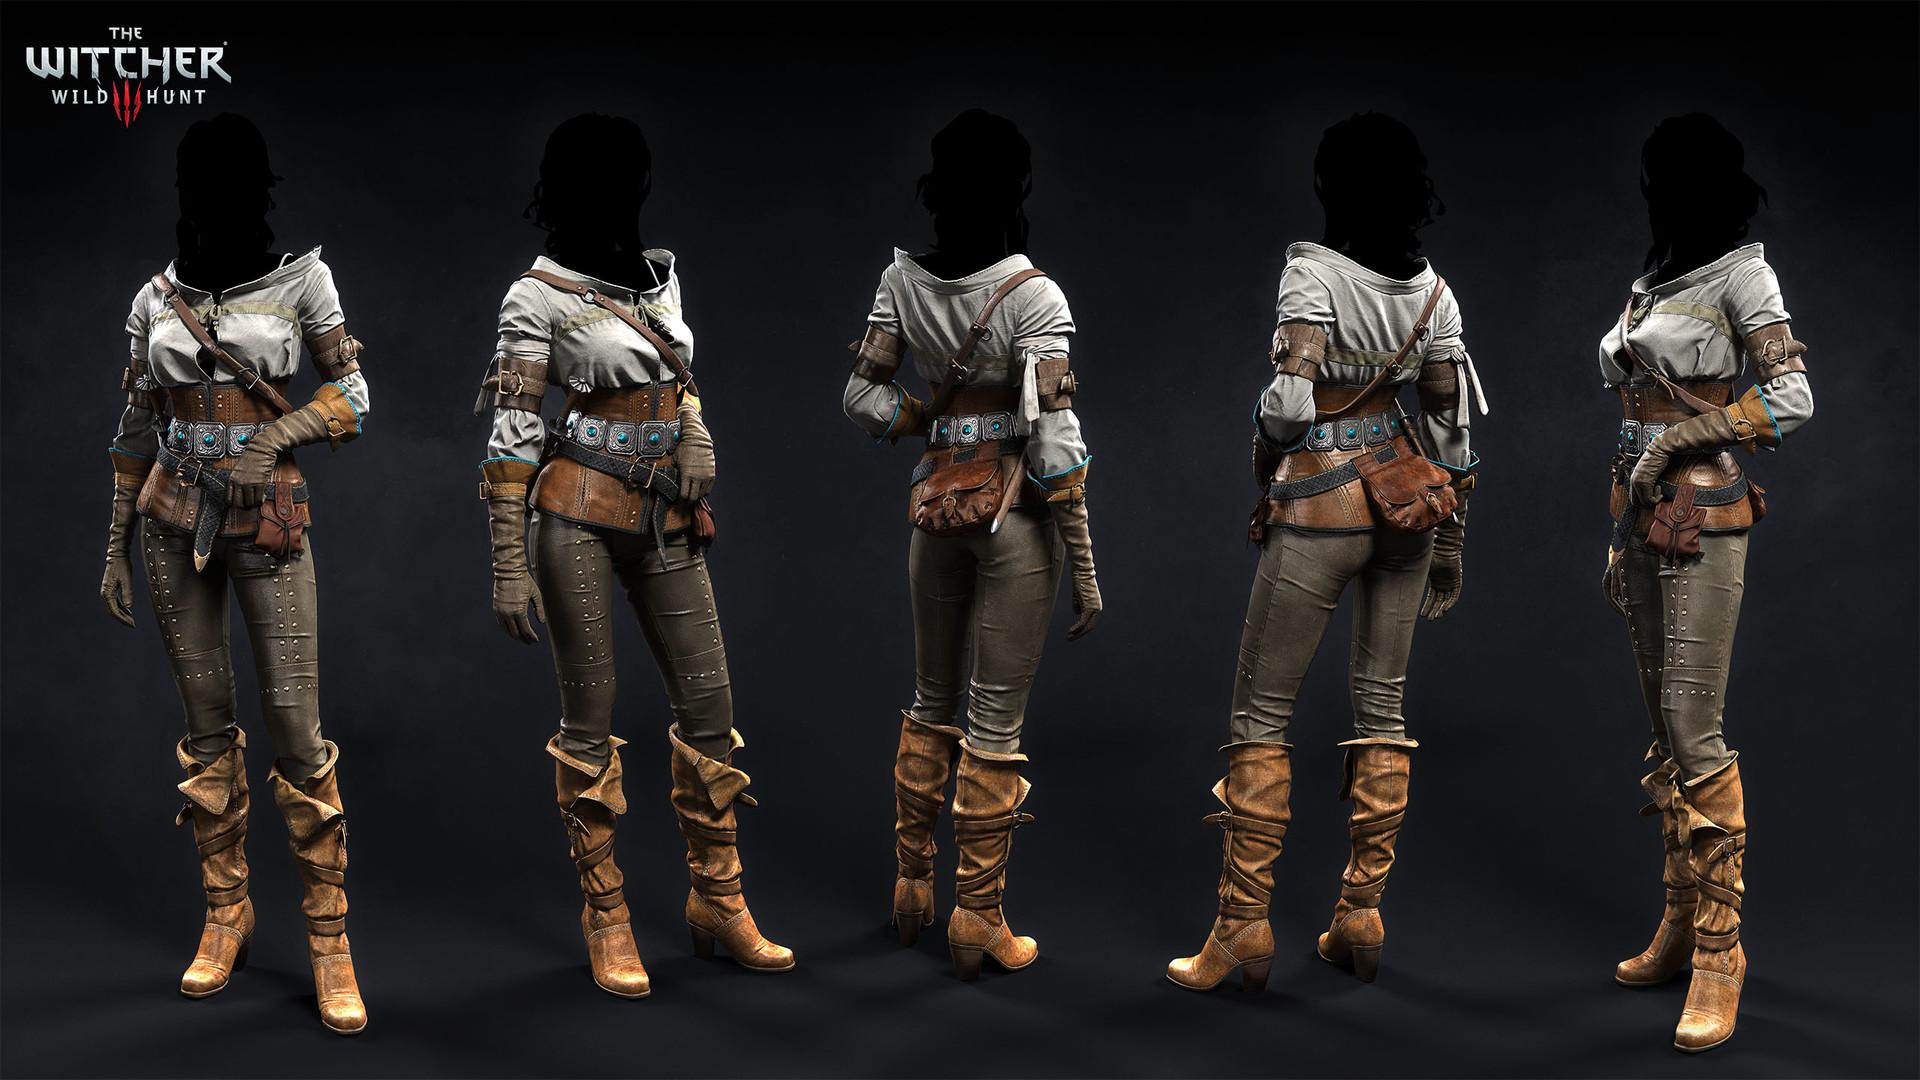 Marcin Blaszczak - The Witcher III - NPC's outfits